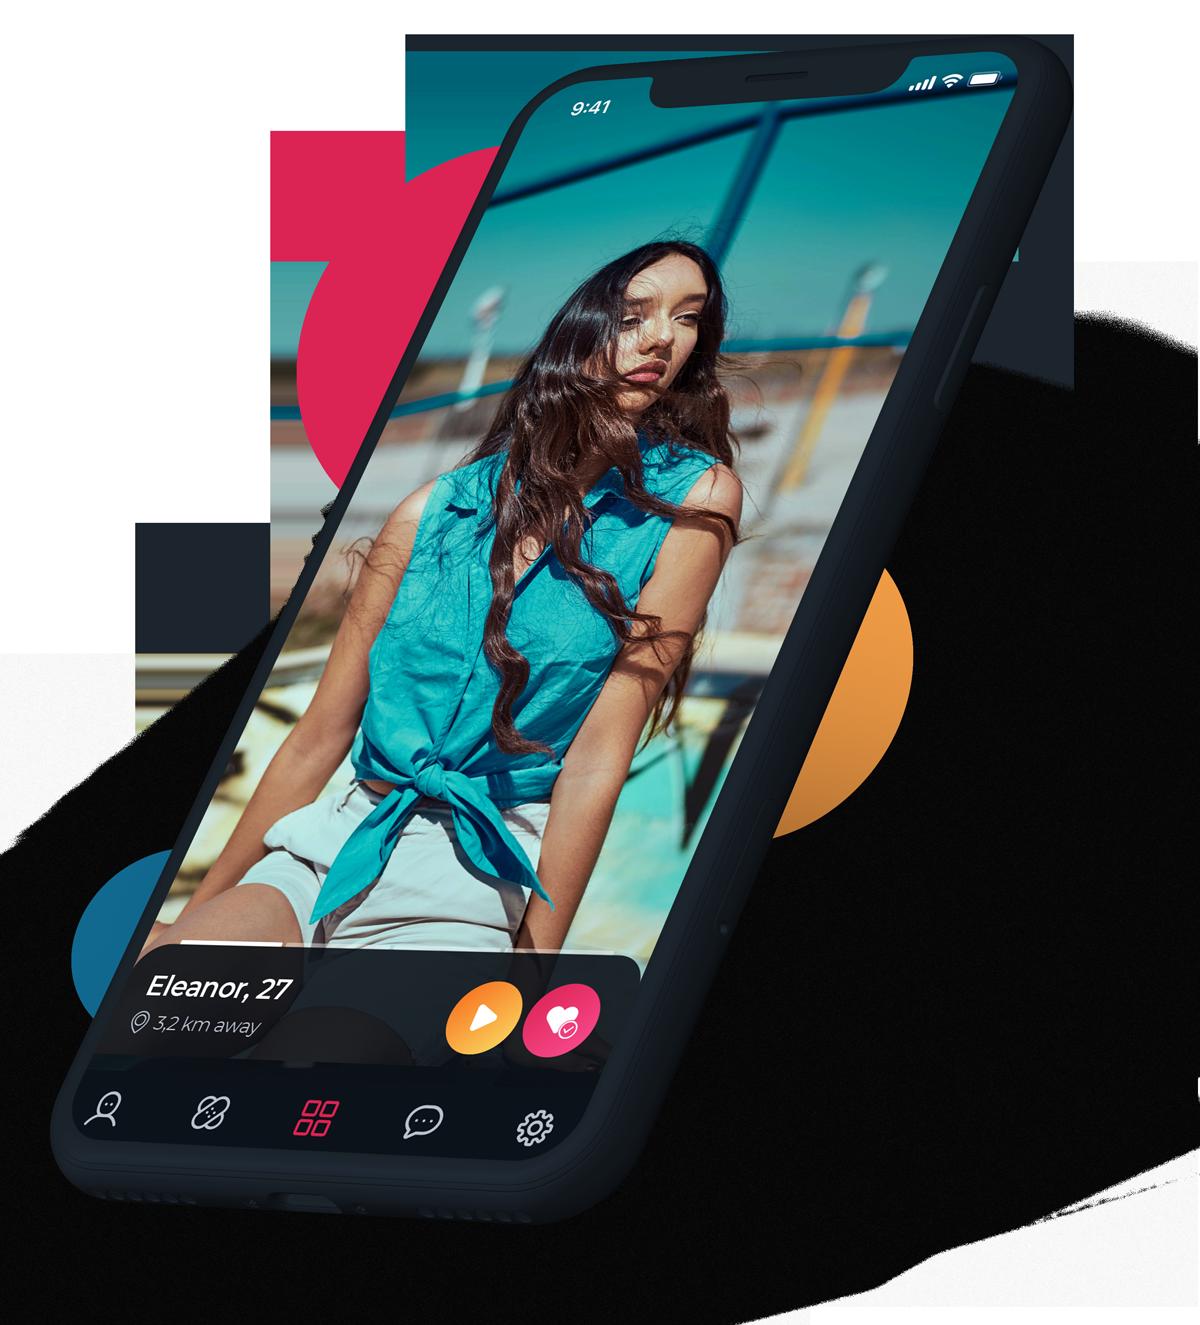 solvemate iOS app